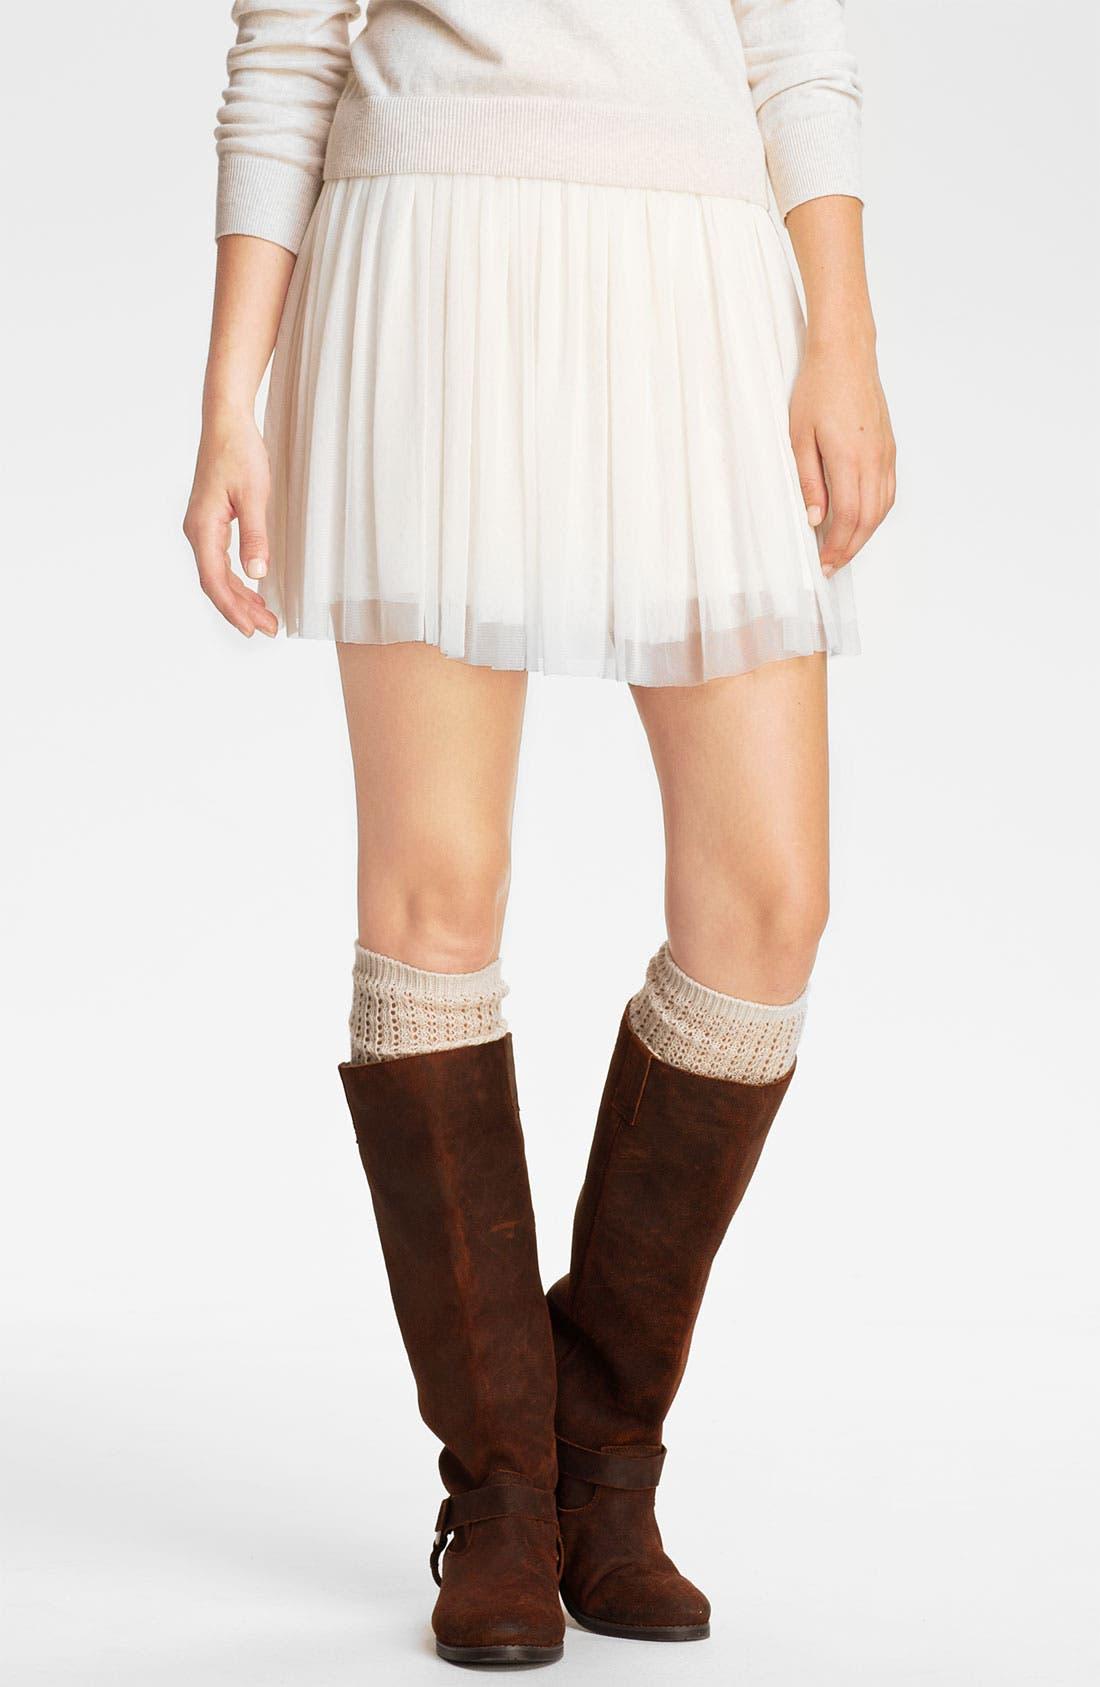 Alternate Image 1 Selected - Lily White Tulle Skirt (Juniors)